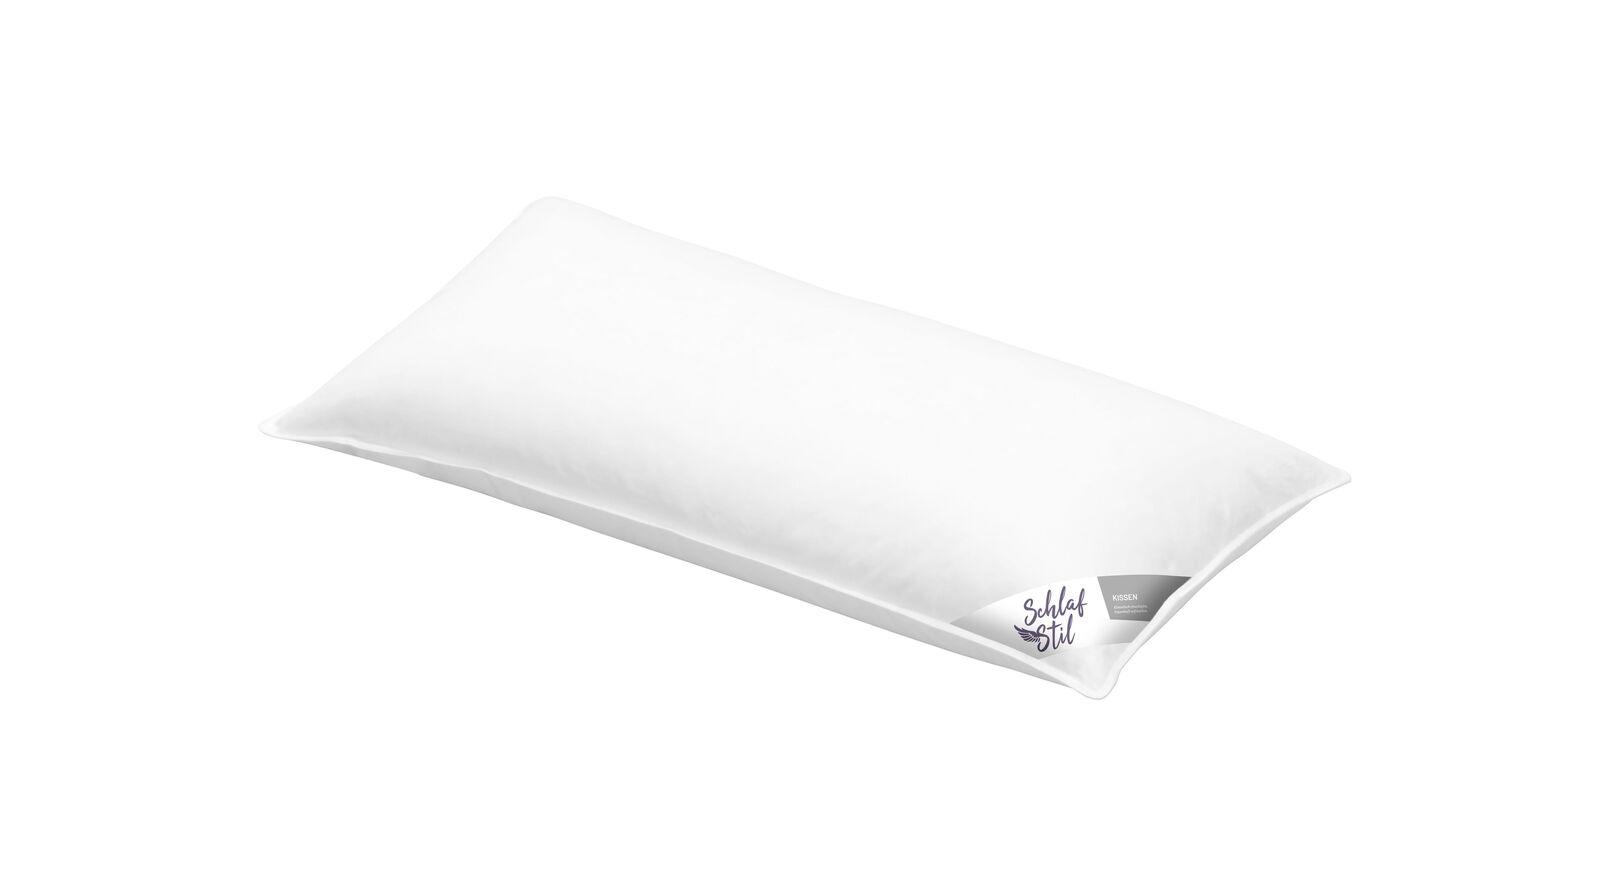 Schlafstil Daunen-Kissen D600 D700 D400 in 40x80 cm